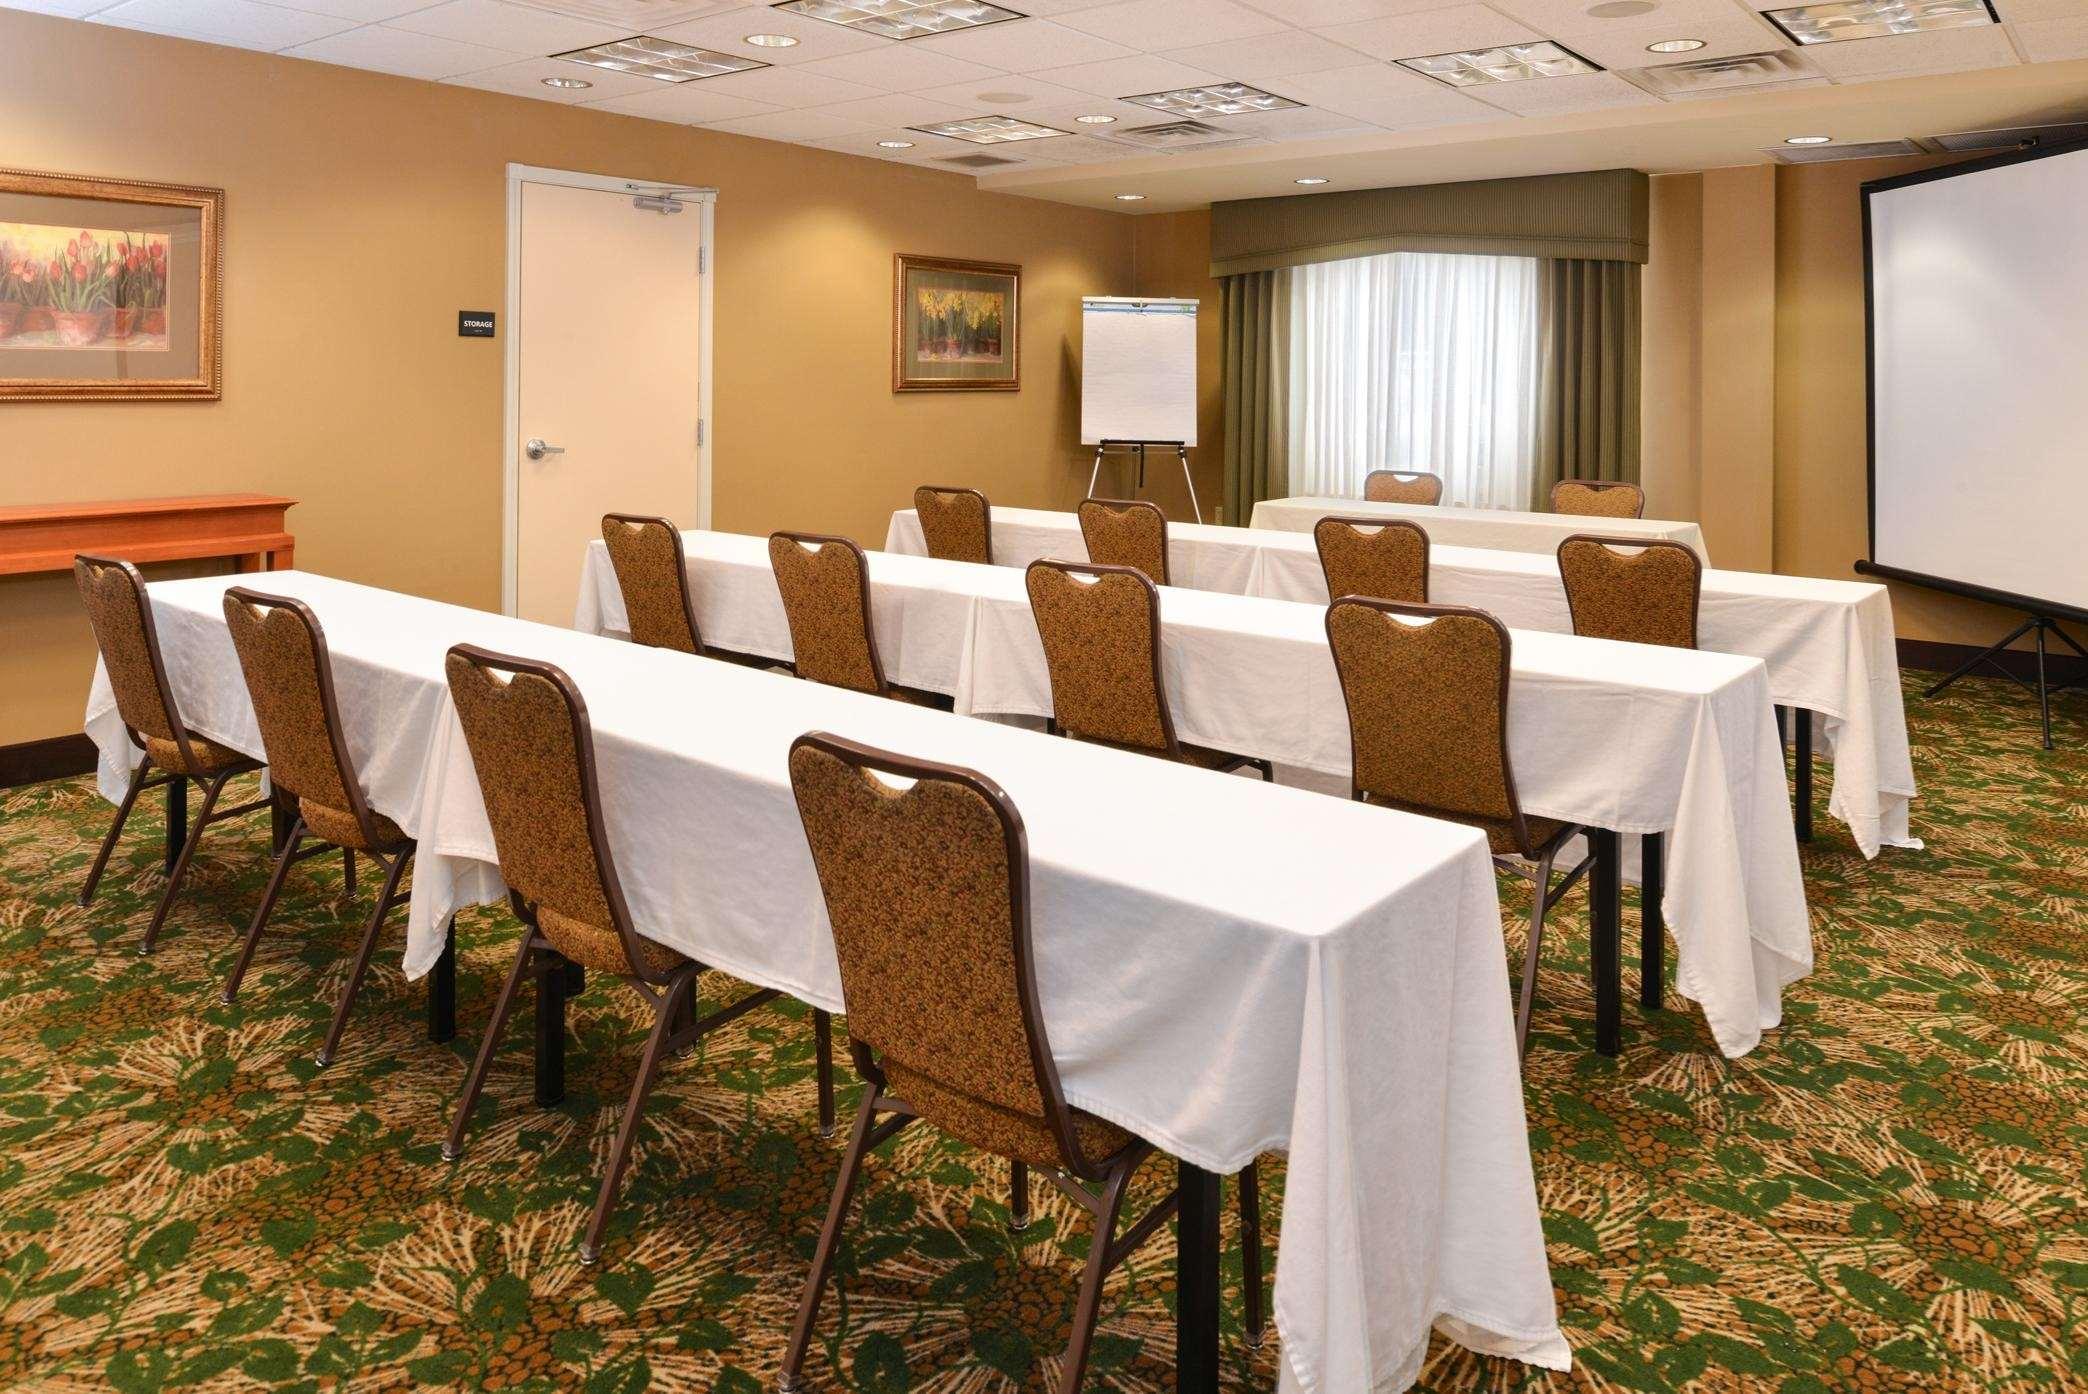 Hampton Inn & Suites Casper image 6